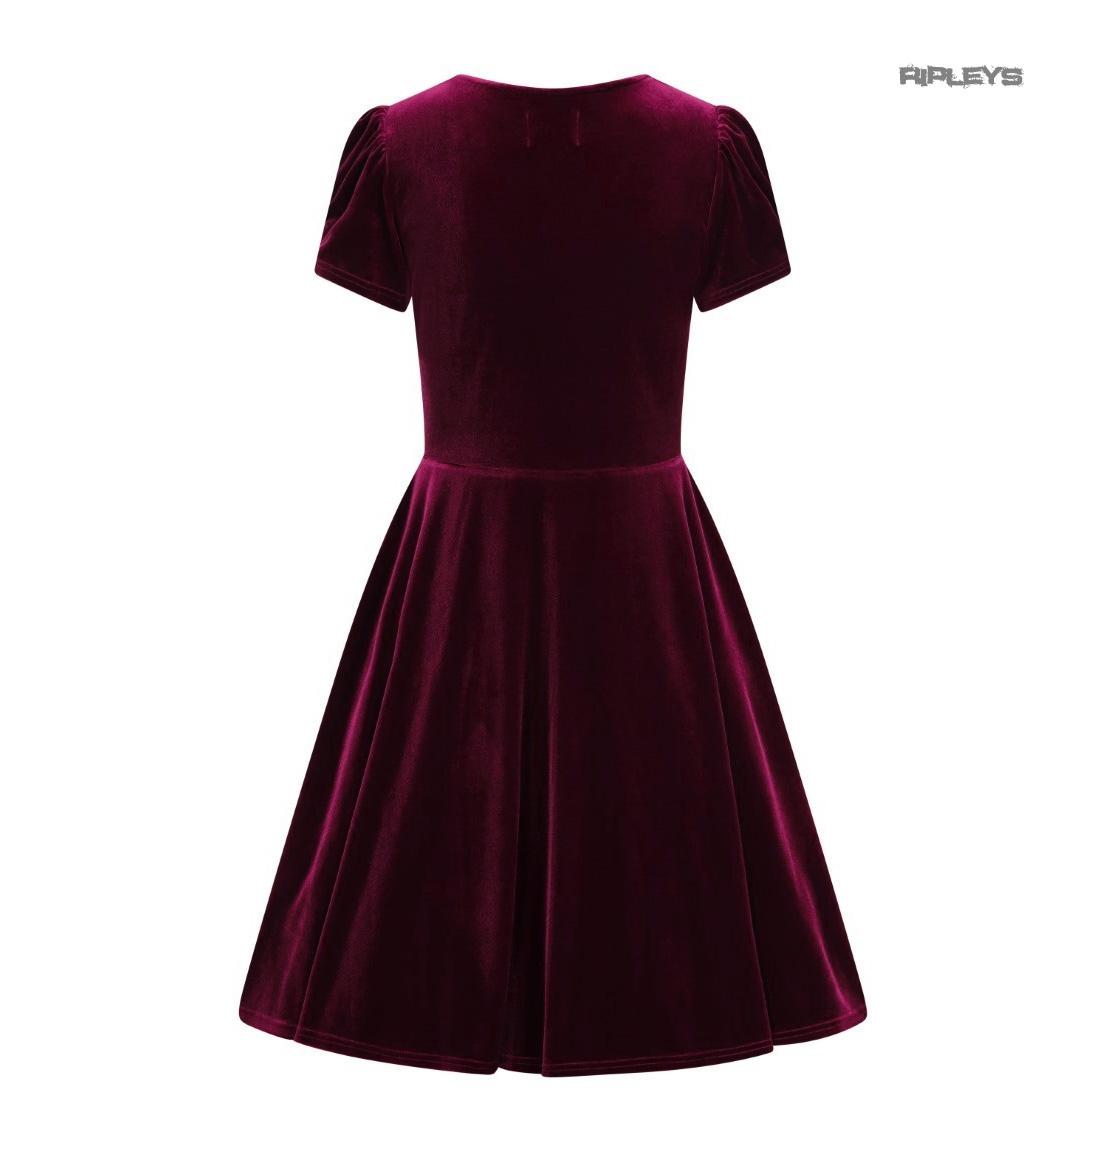 Hell-Bunny-40s-50s-Elegant-Pin-Up-Dress-JOANNE-Crushed-Velvet-Burgundy-All-Sizes thumbnail 36